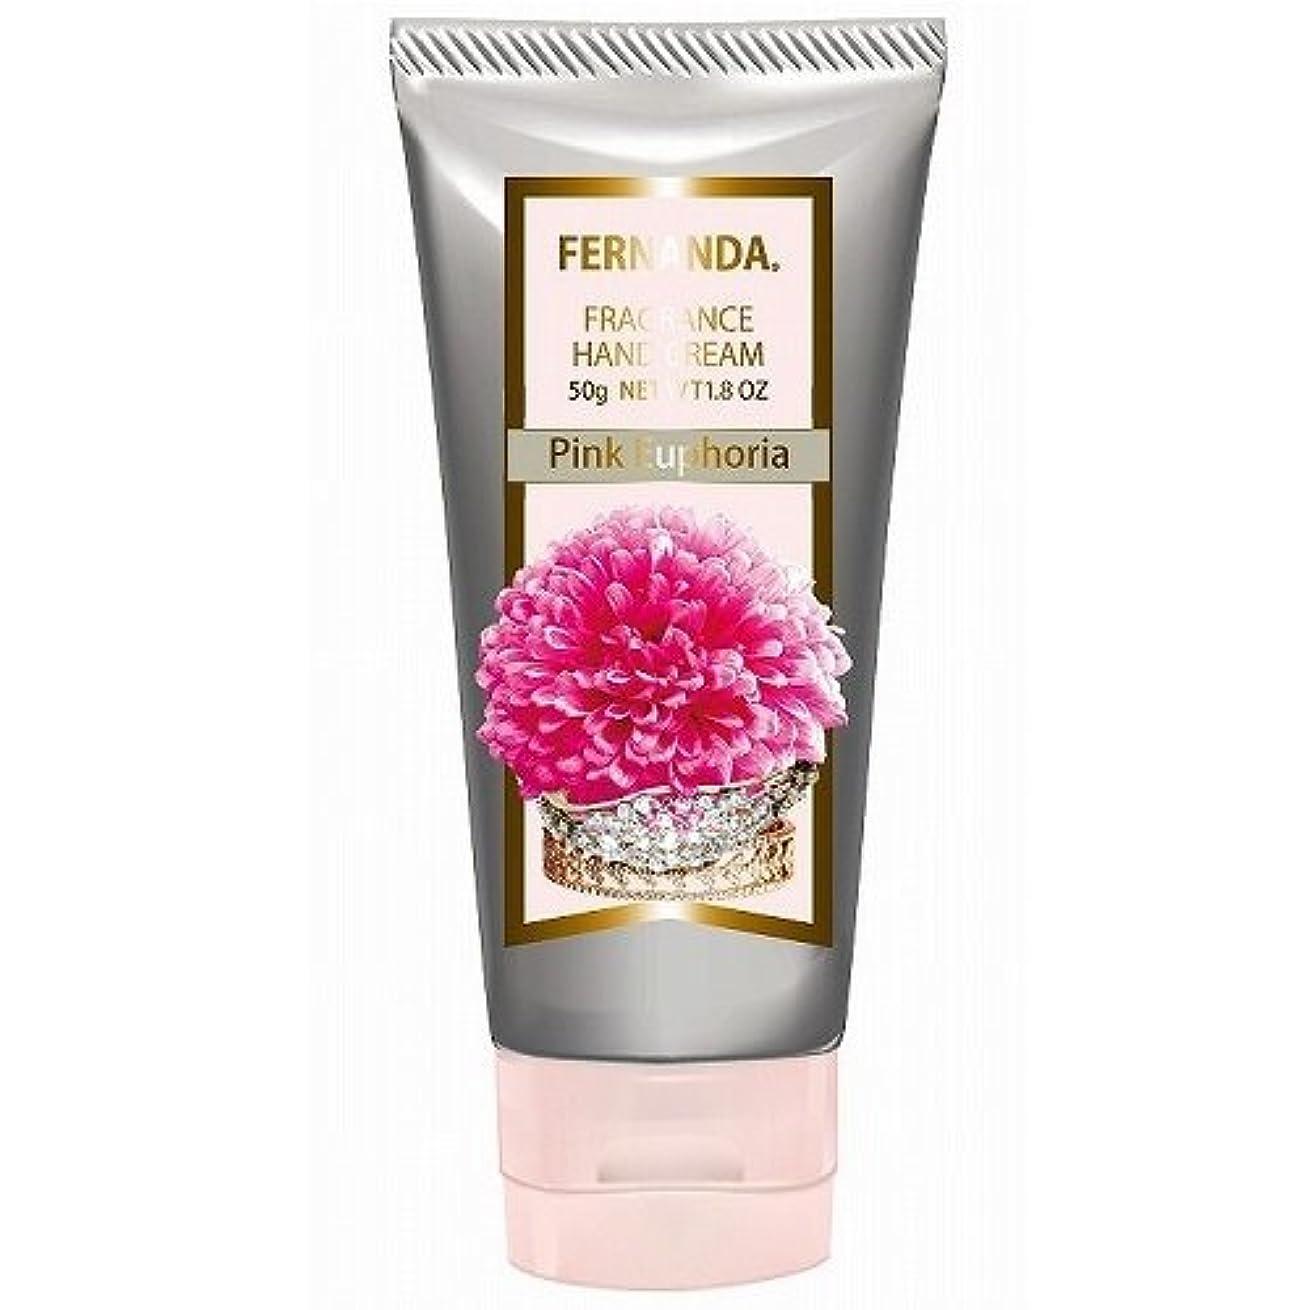 モック毒心配FERNANDA(フェルナンダ) Hand Cream Pink Euphoria (ハンドクリーム ピンクエウフォリア)